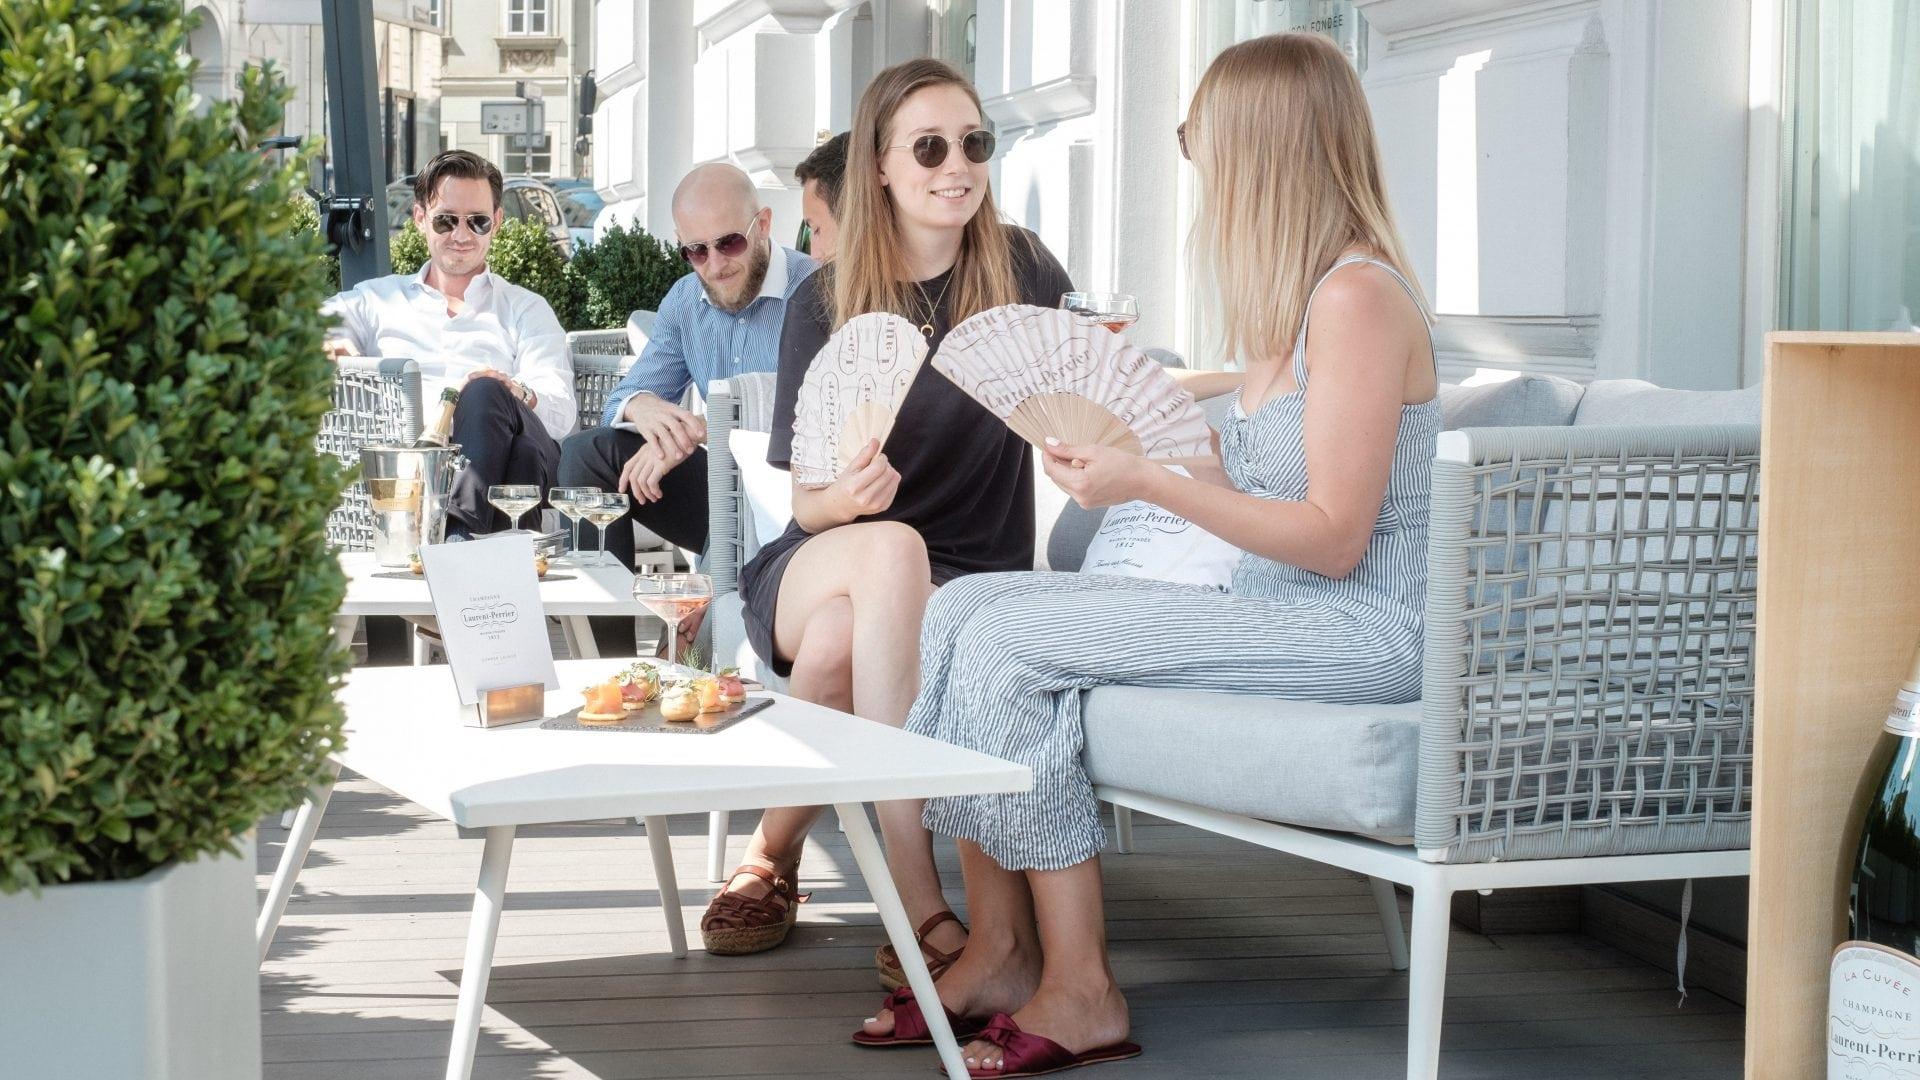 Laurent Perrier Sommer Lounge LE BAR Sans Soucui Wien -c- Stefan Gergely.jpg (4)